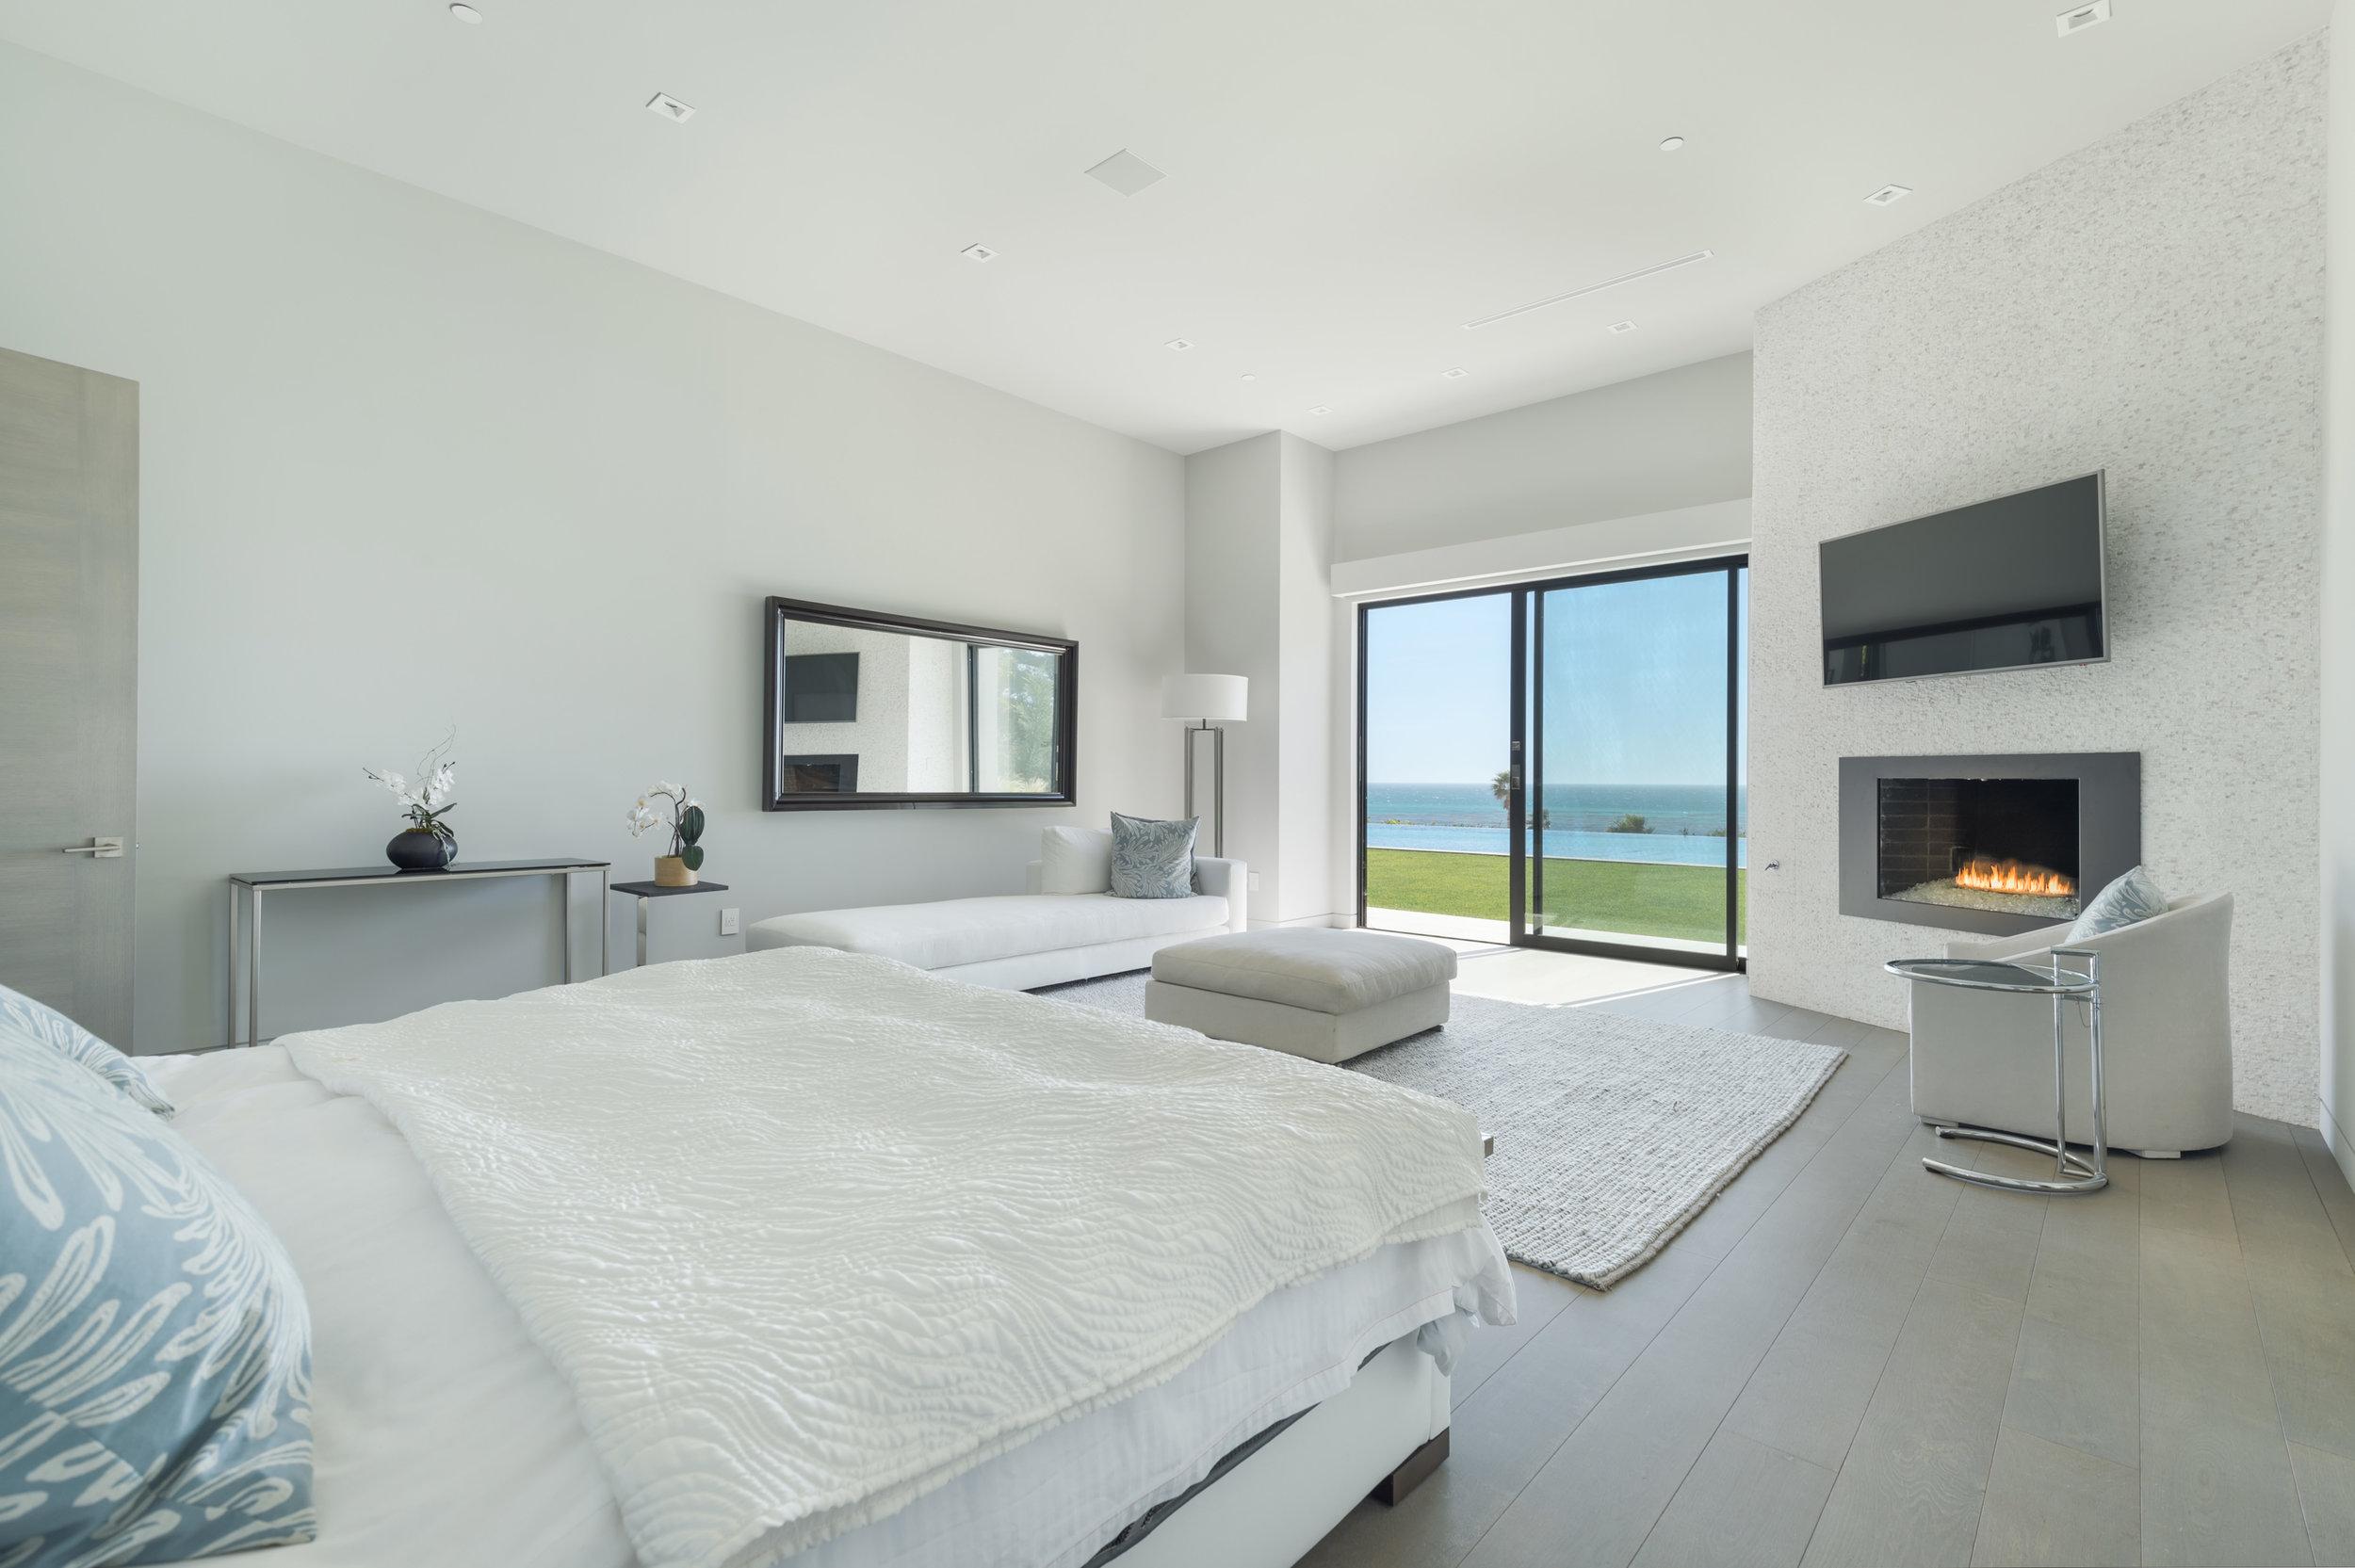 015 bedroom 1 11902 Ellice Street Malibu For Sale The Malibu Life Team Luxury Real Estate.jpg